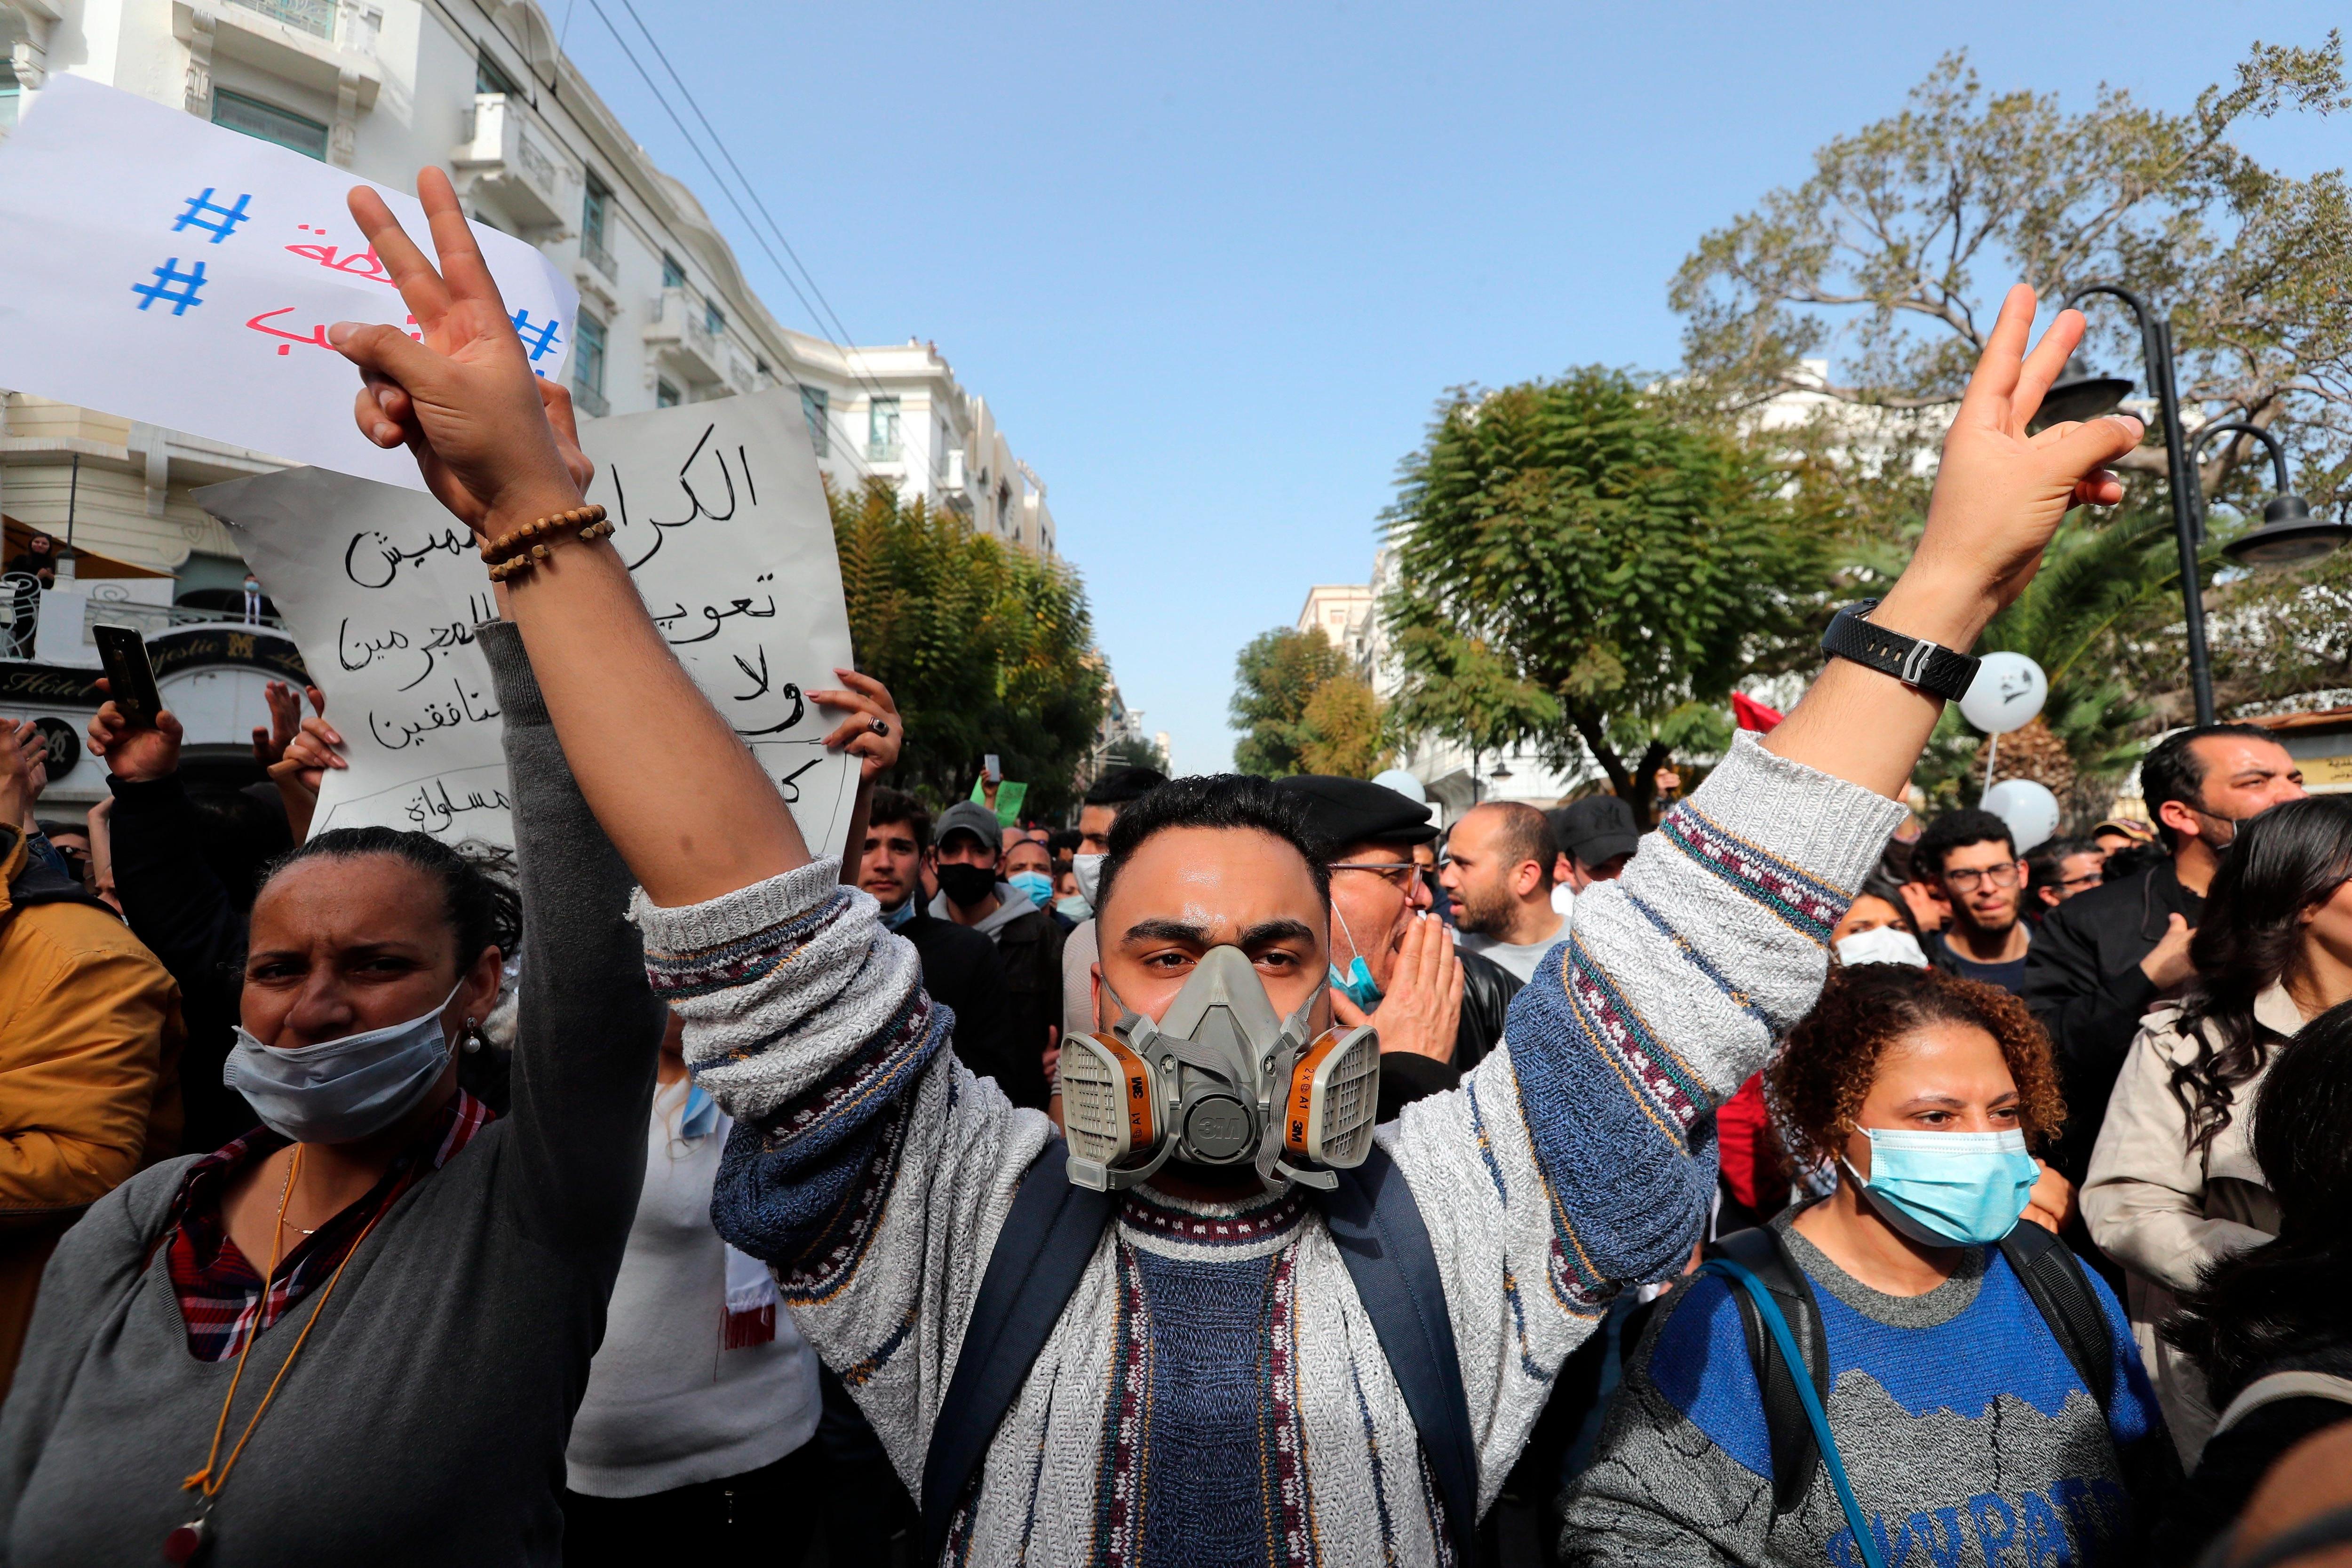 Cerca de medio millar de tunecinos volvieron a salir a las calles por tercer sábado consecutivo para reclamar la liberación de los más de mil ciudadanos detenidos en las últimas semanas y denunciar la violencia policial. EFE/EPA/MOHAMED MESSARA